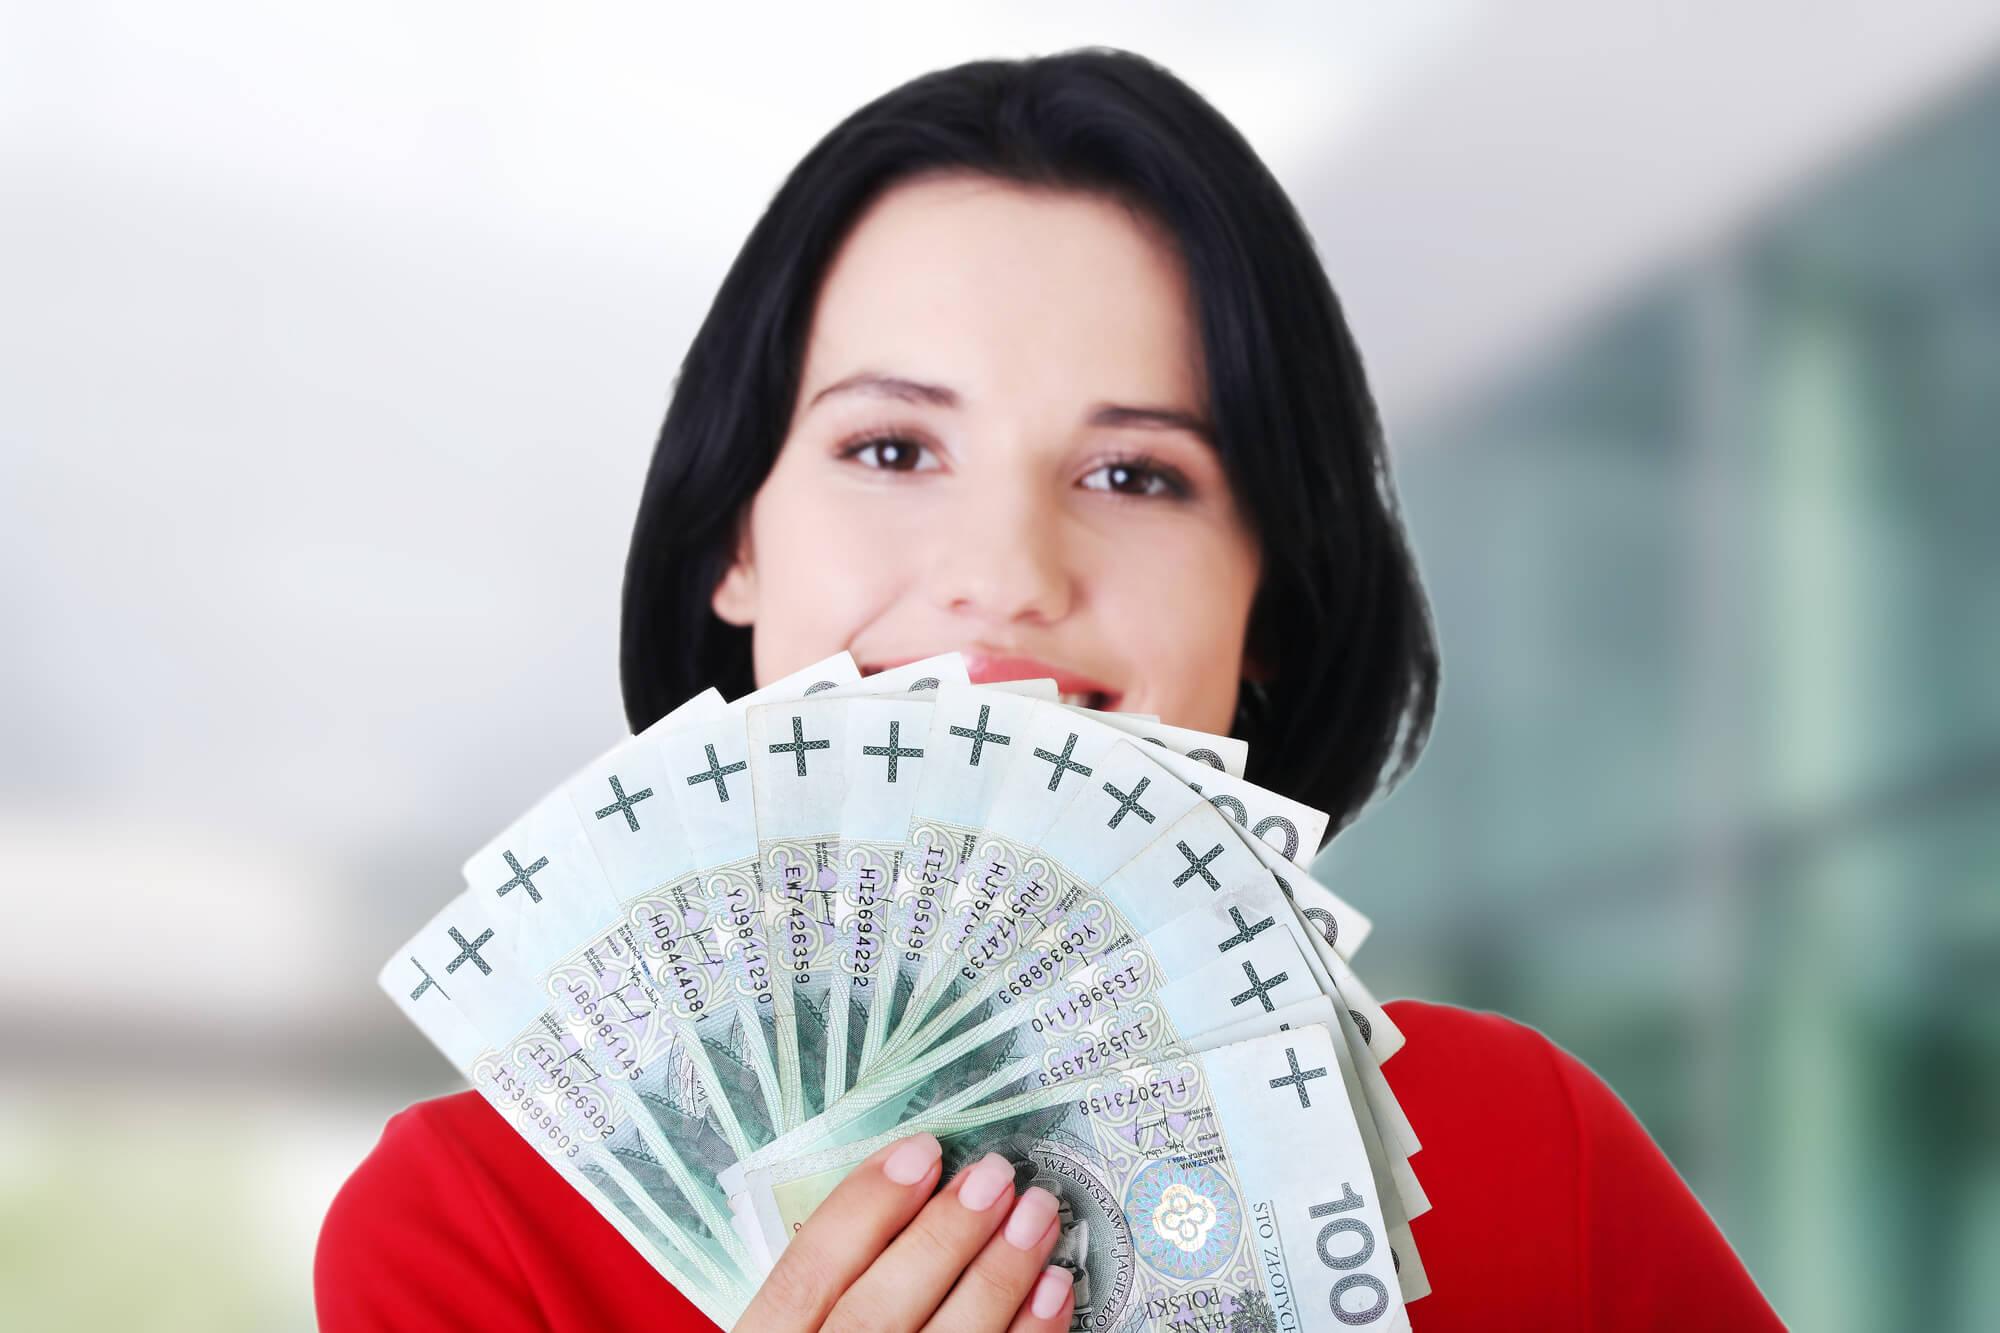 Masz kredyt obrotowy? Poznaj alternatywę – bez zadłużania!